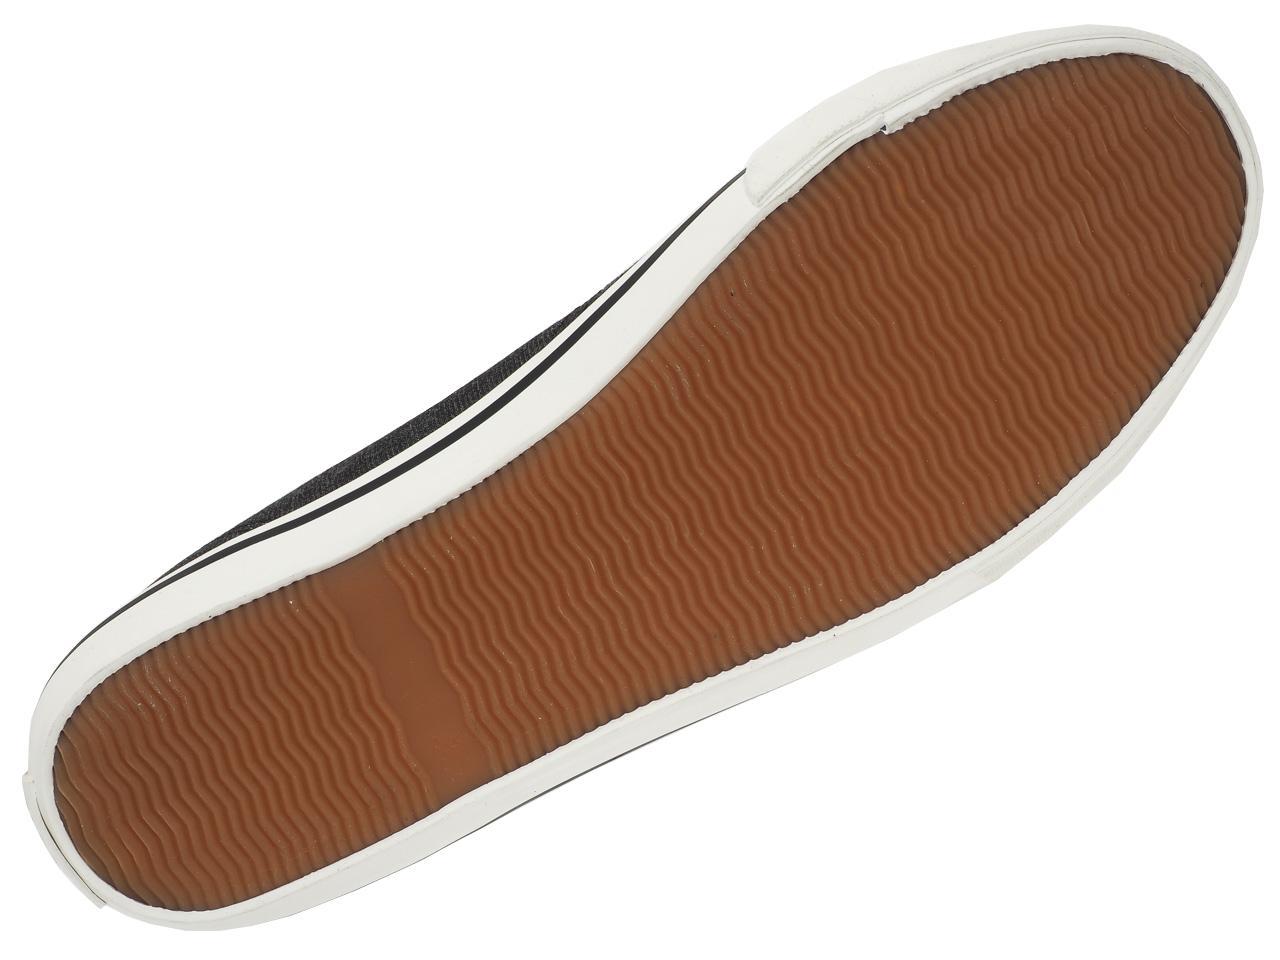 Chaussures basses toile Busy toilenoir canvas - Ellesse DGp6B7